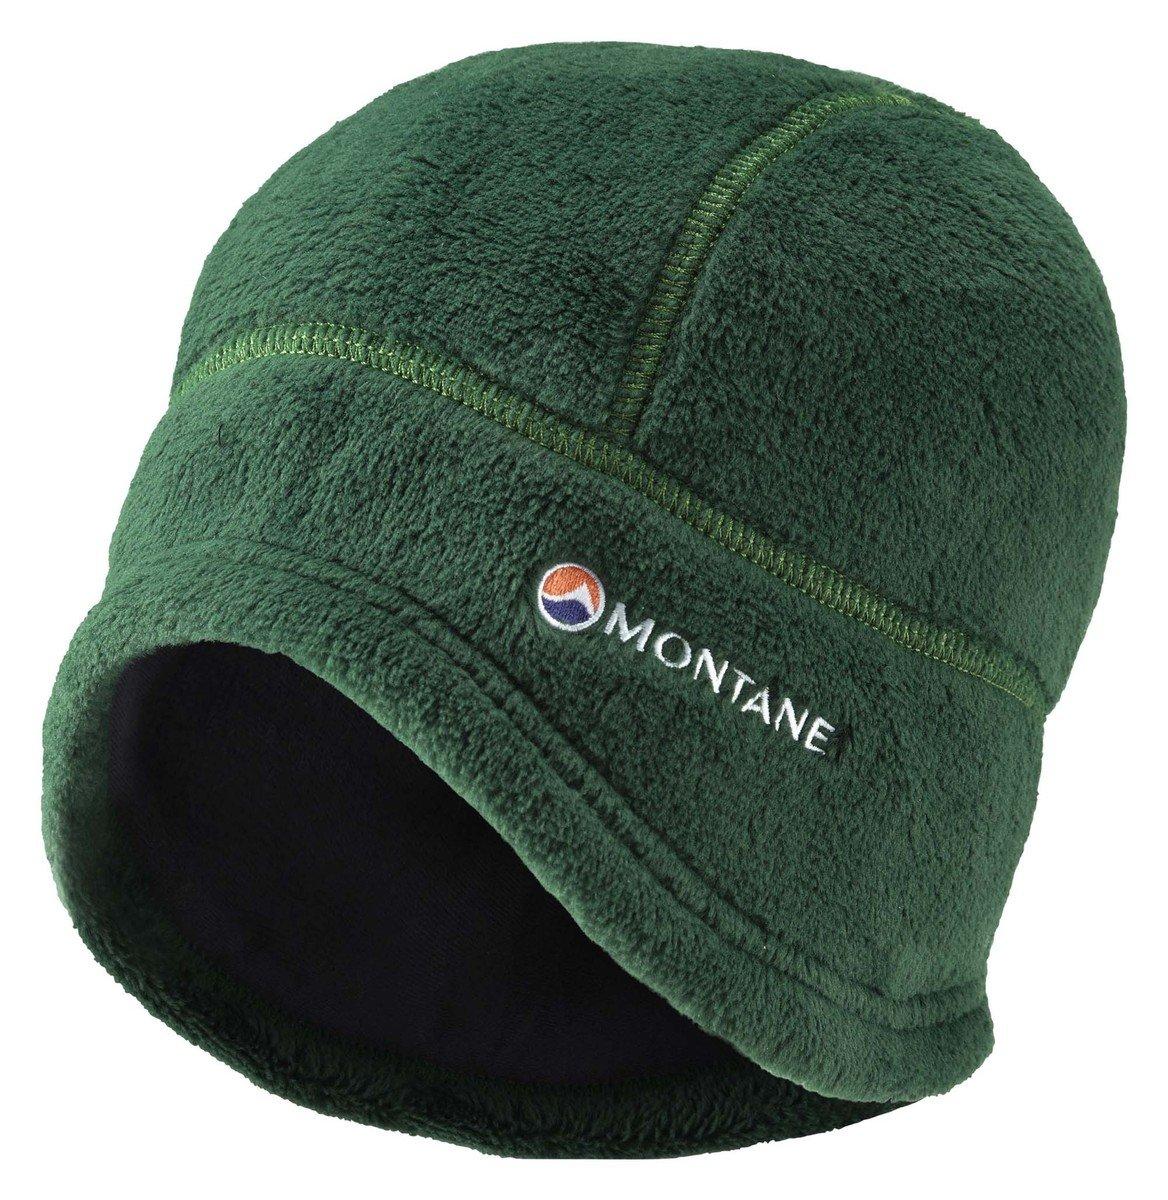 英國抓毛保溫帽-深綠色